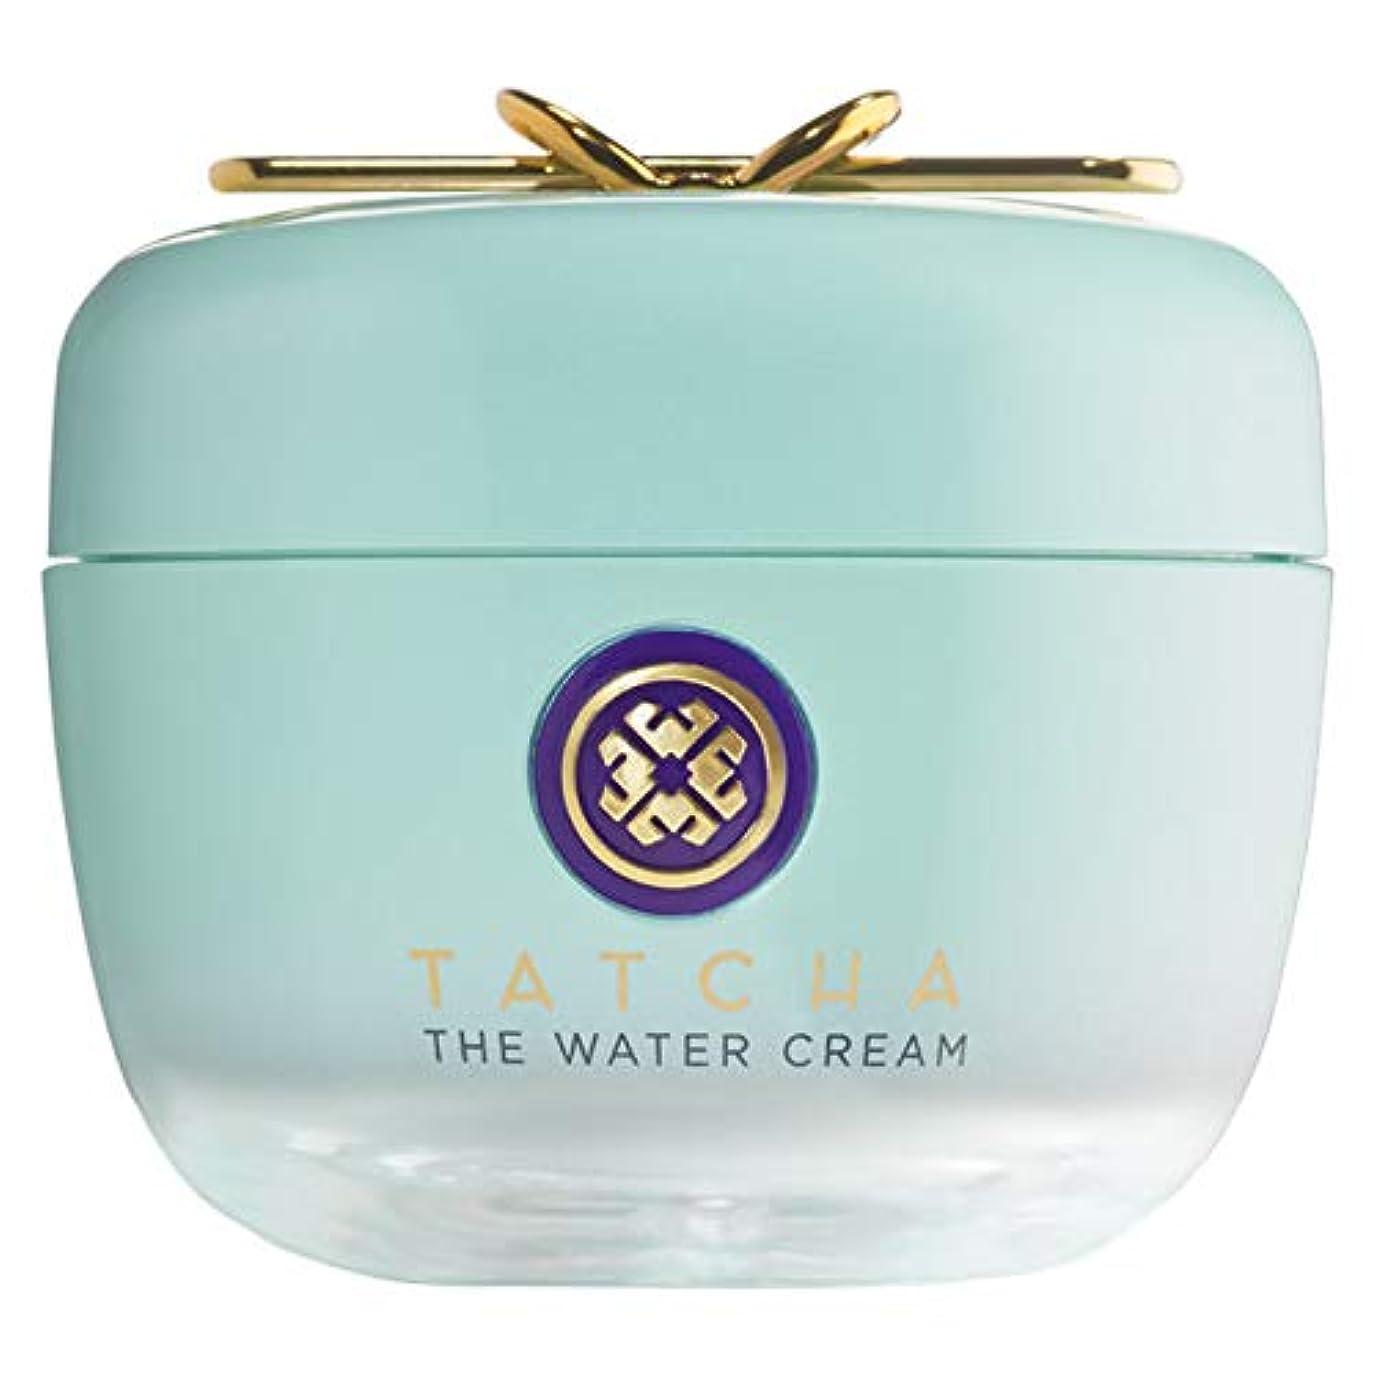 出演者鳴り響く雑多なTATCHA The Water Cream 50ml タチャ ウォータークリーム